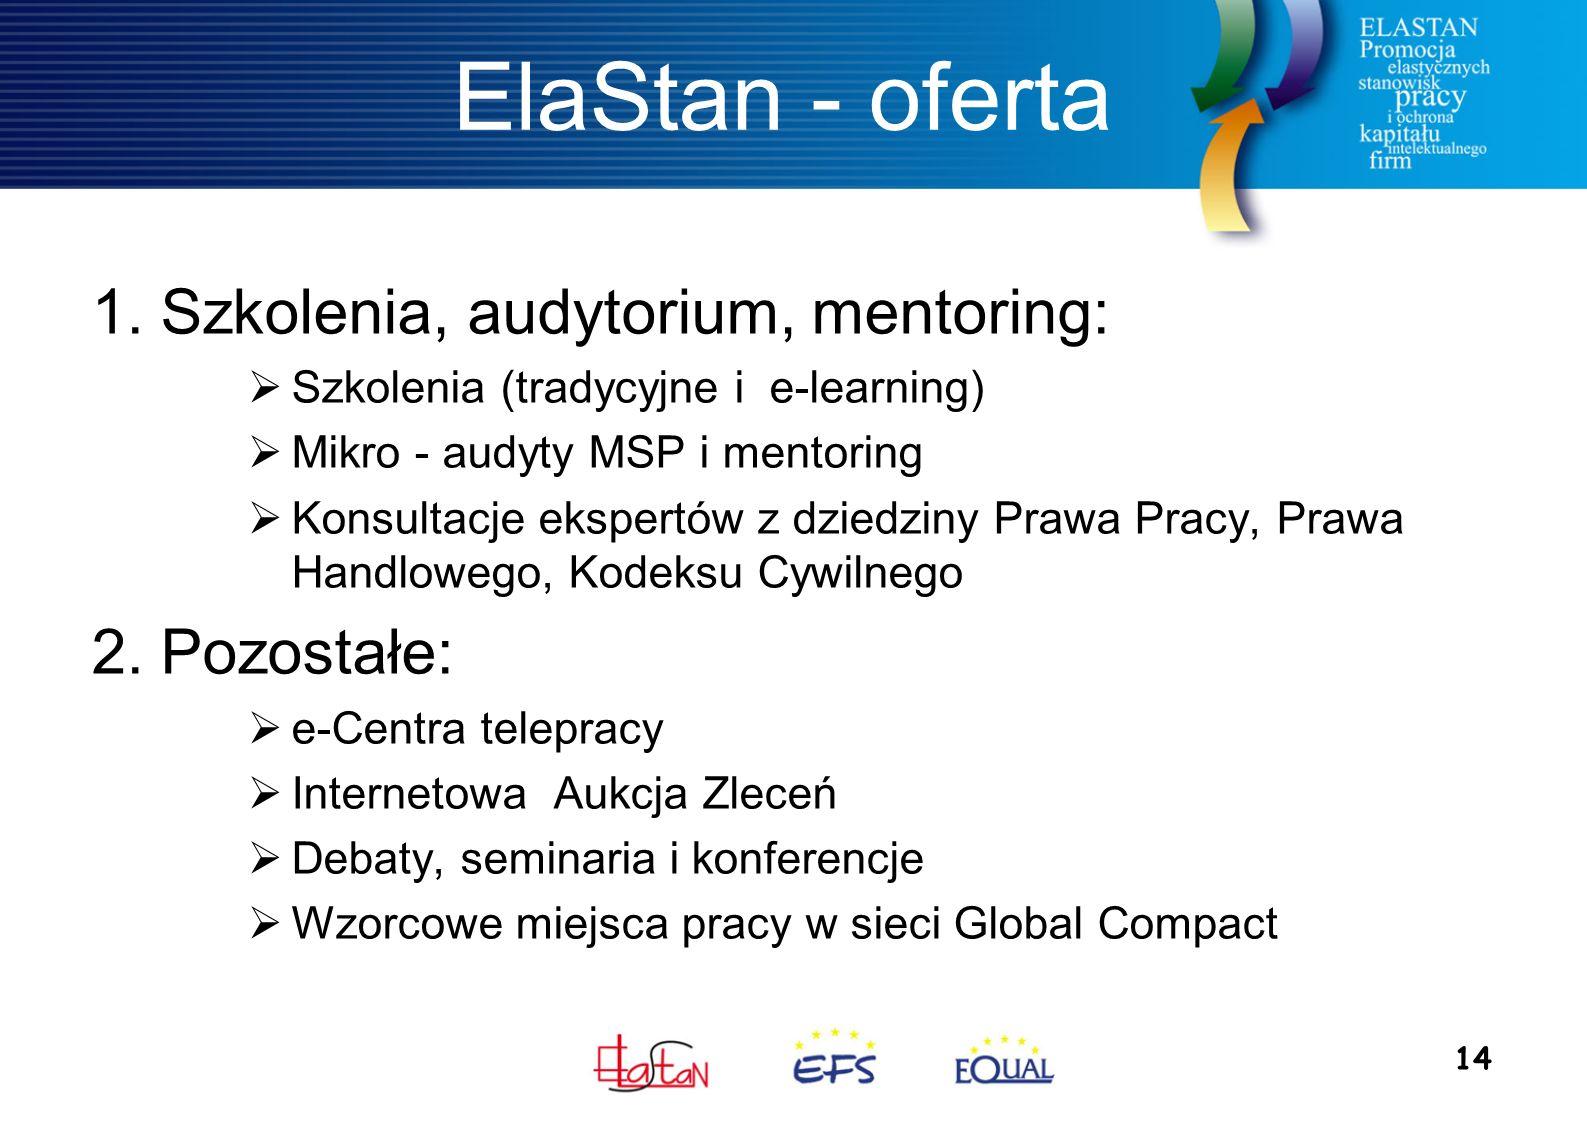 14 ElaStan - oferta 1. Szkolenia, audytorium, mentoring:  Szkolenia (tradycyjne i e-learning)  Mikro - audyty MSP i mentoring  Konsultacje ekspertó